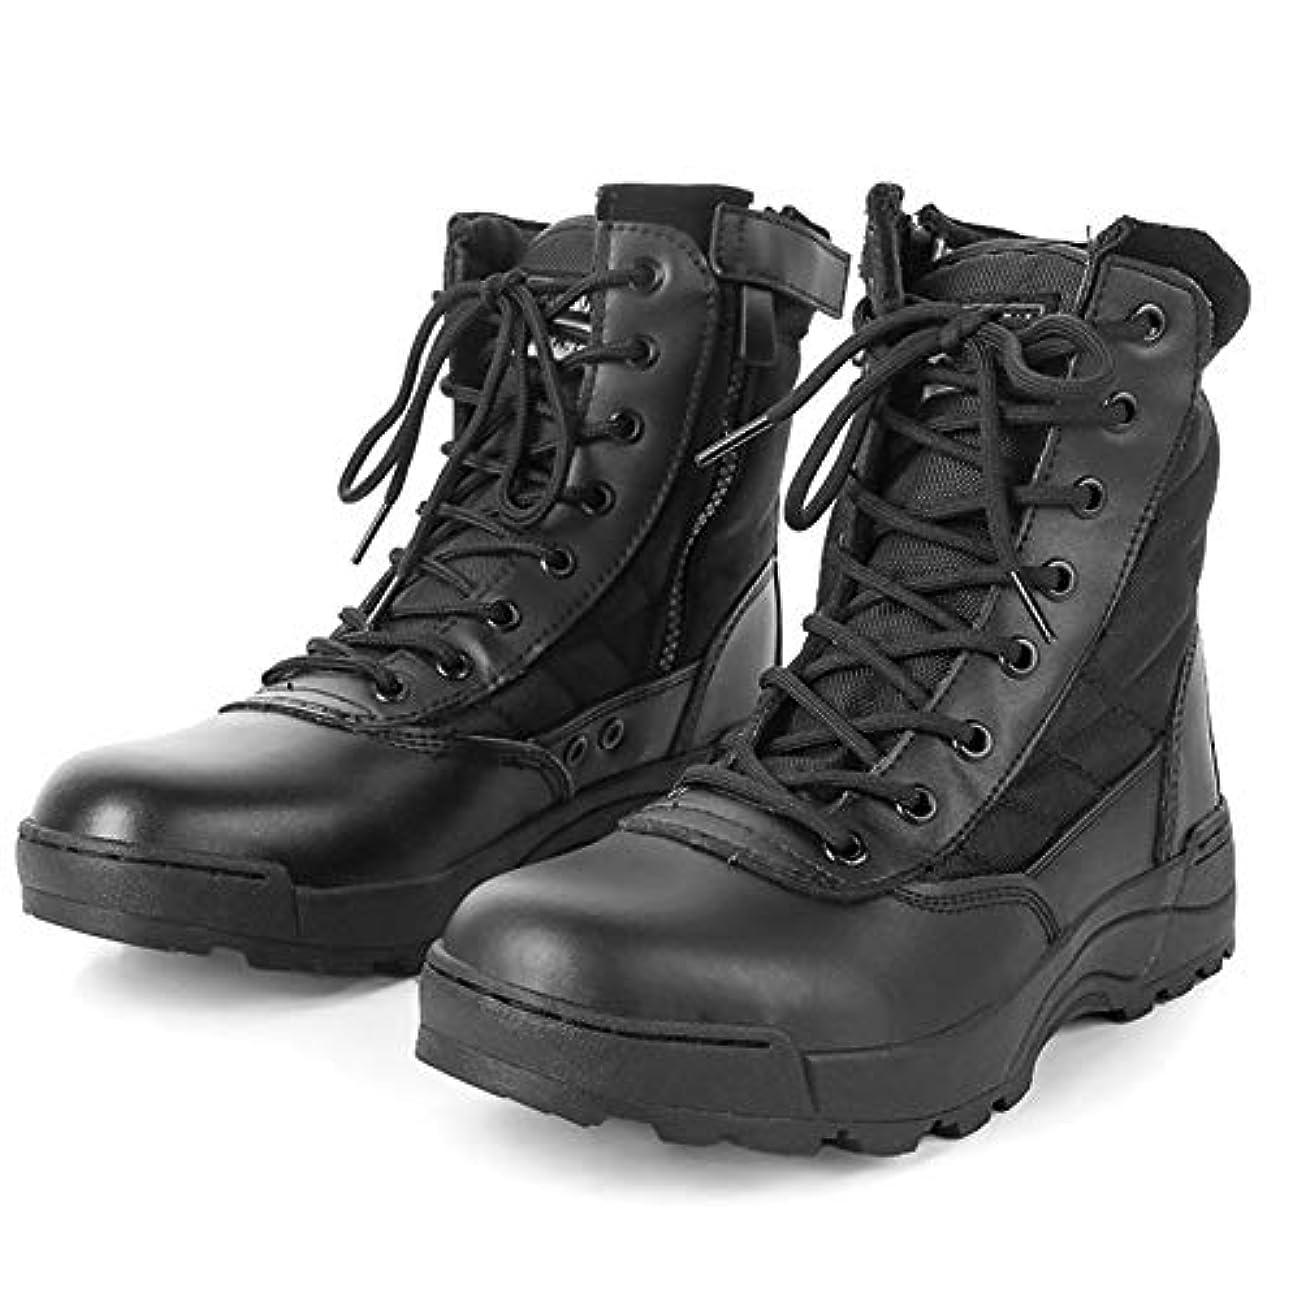 センブランス高音スリル[AcMeer] タクティカル メンズ ブーツ サイド ジッパー 式 ミリタリー ブーツ 編み上げ ジャングル アウトドア SWAT ブーツ 大きいサイズ 28 ブラック ベージュ